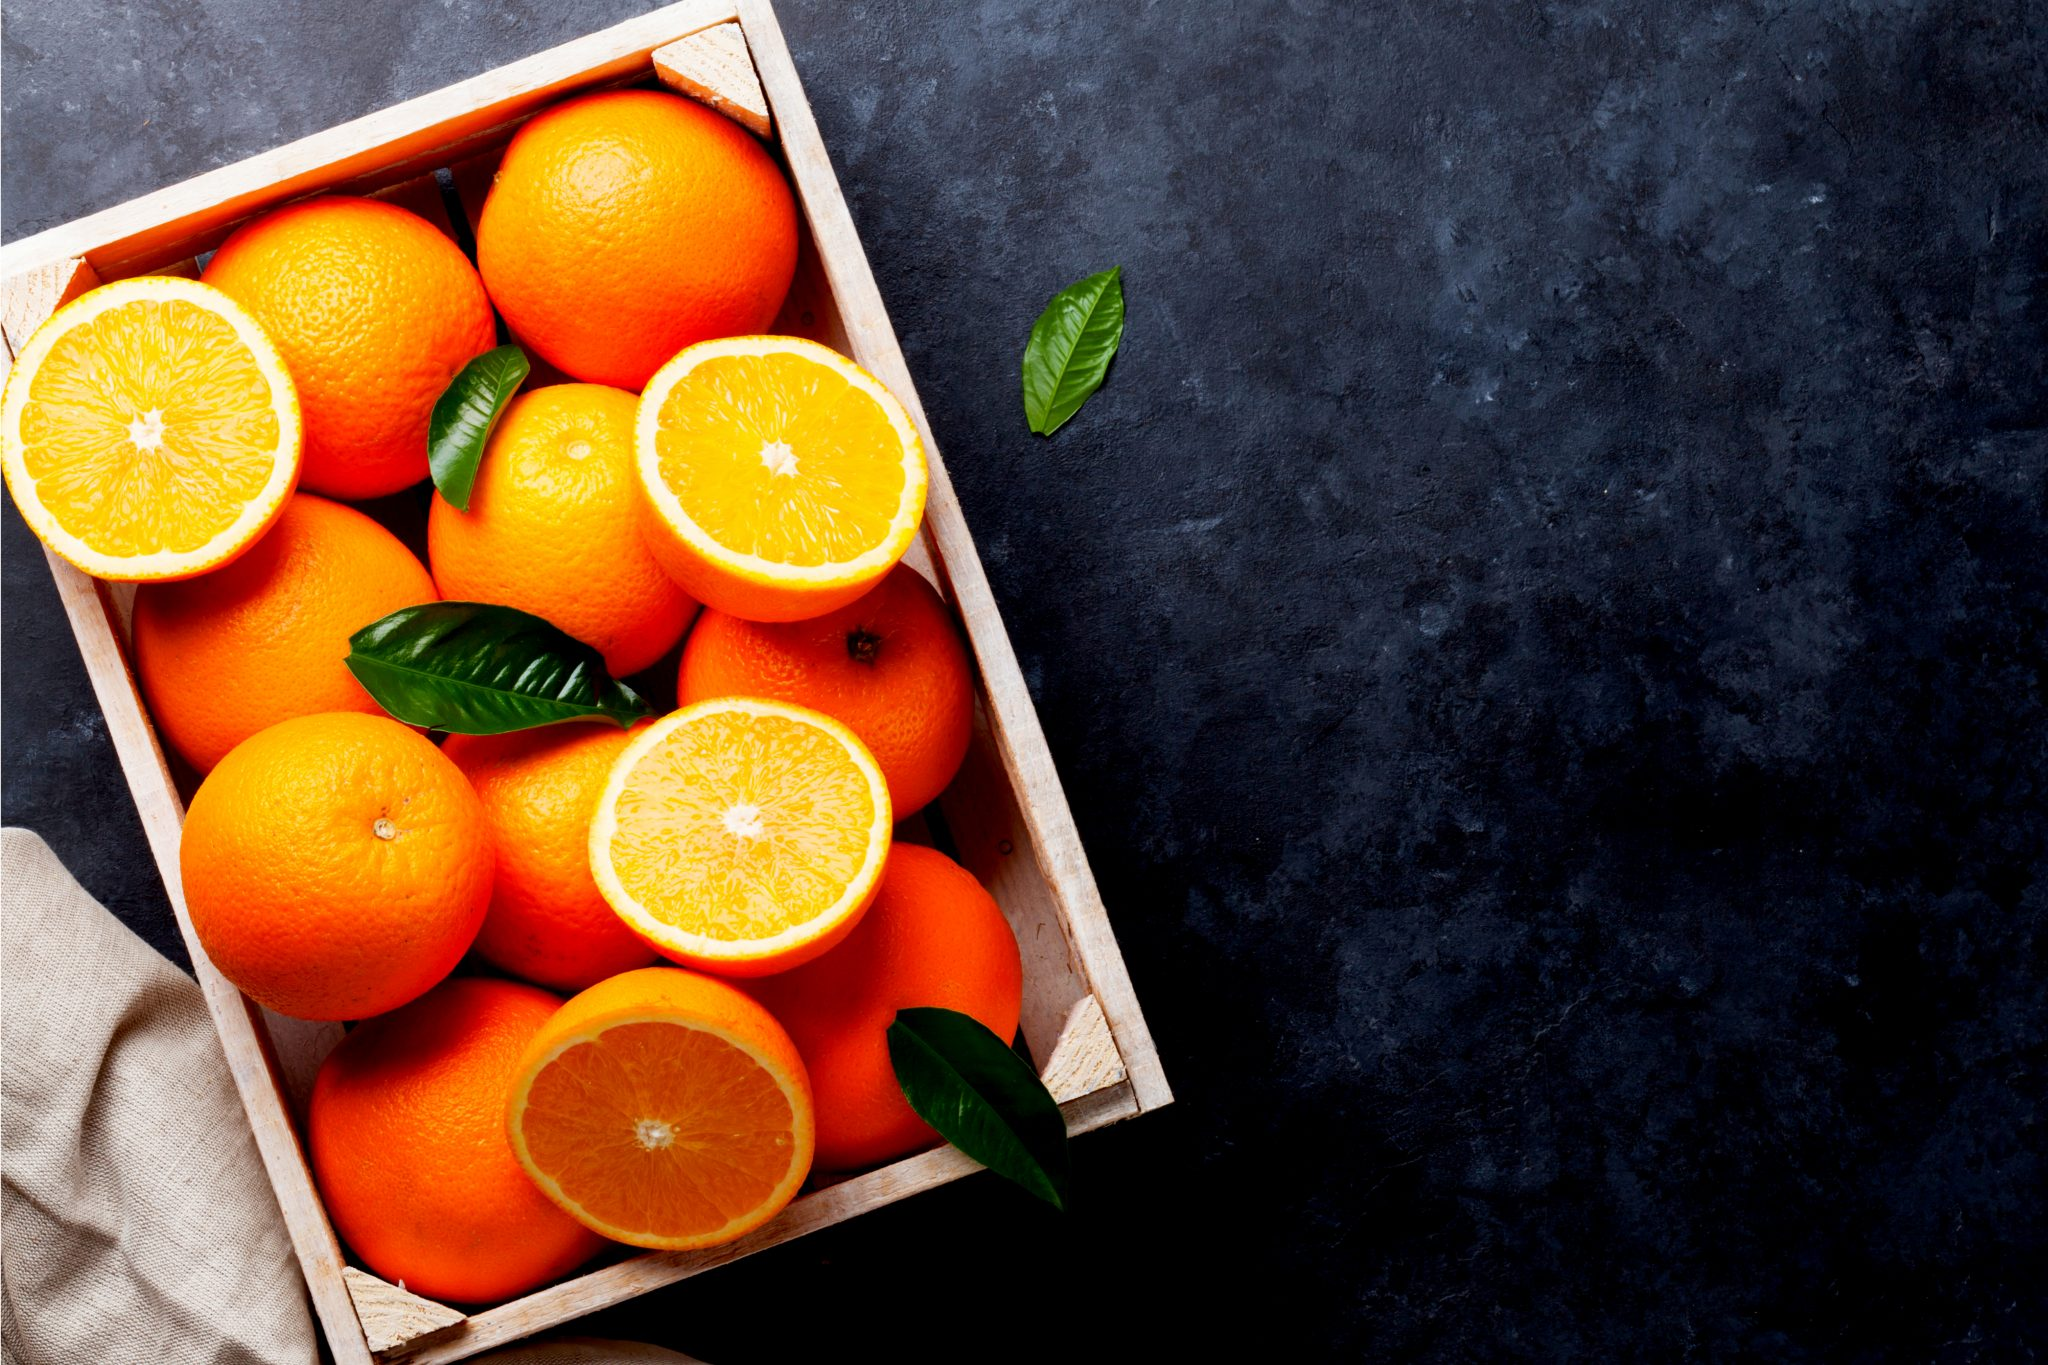 綺麗に切られたオレンジ